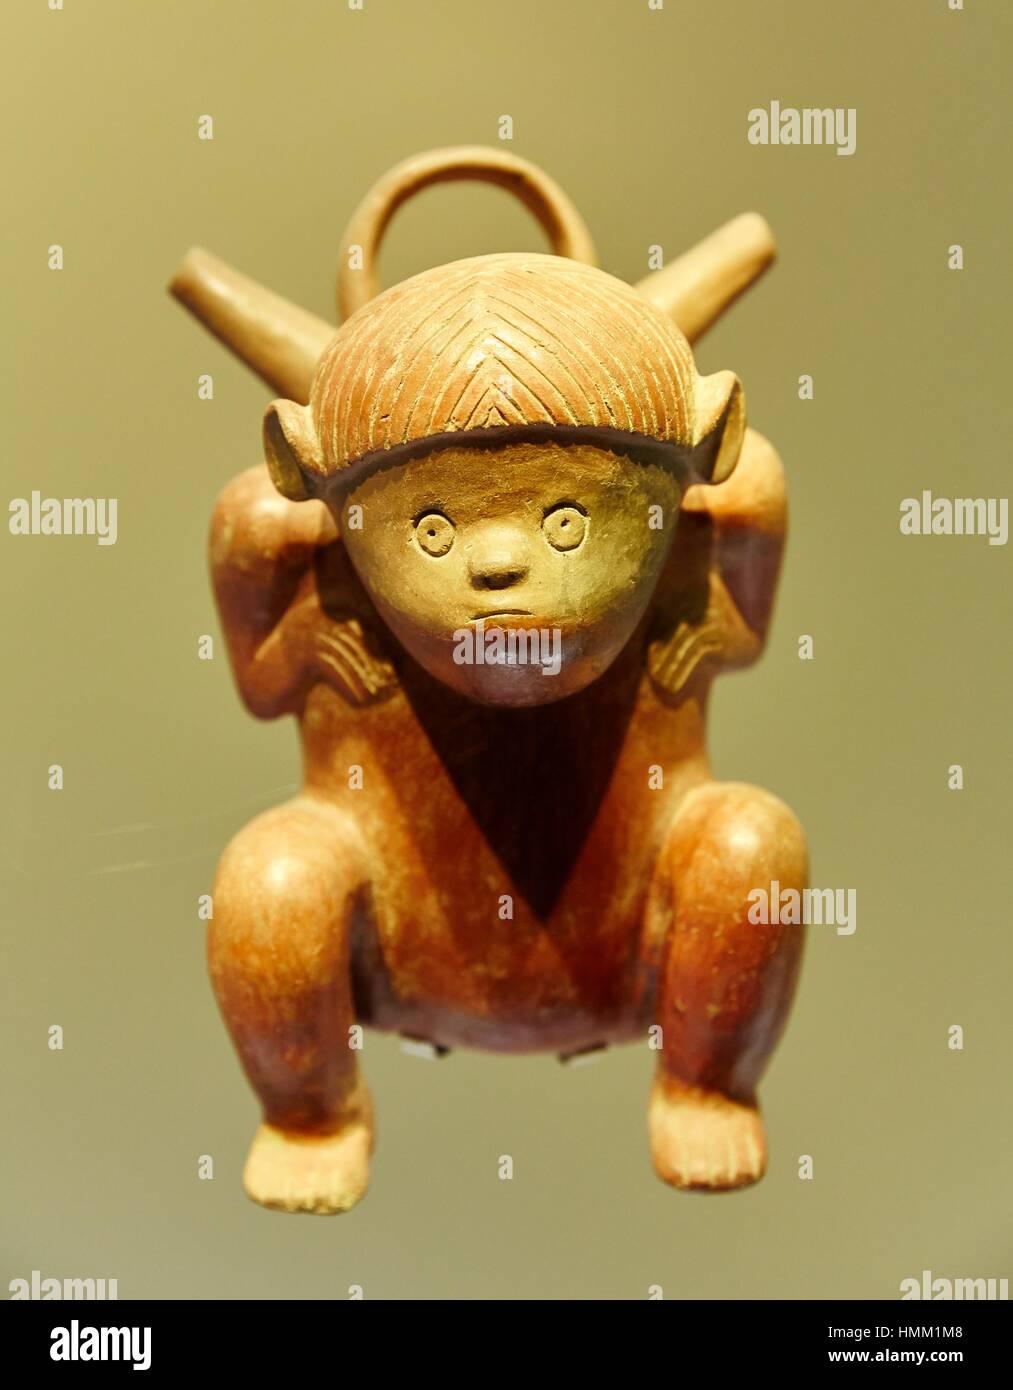 Terracotta statuette from pre-Columbian civilization, Museo del Oro, Gold Museum, Bogota, Cundinamarca, Colombia, - Stock Image